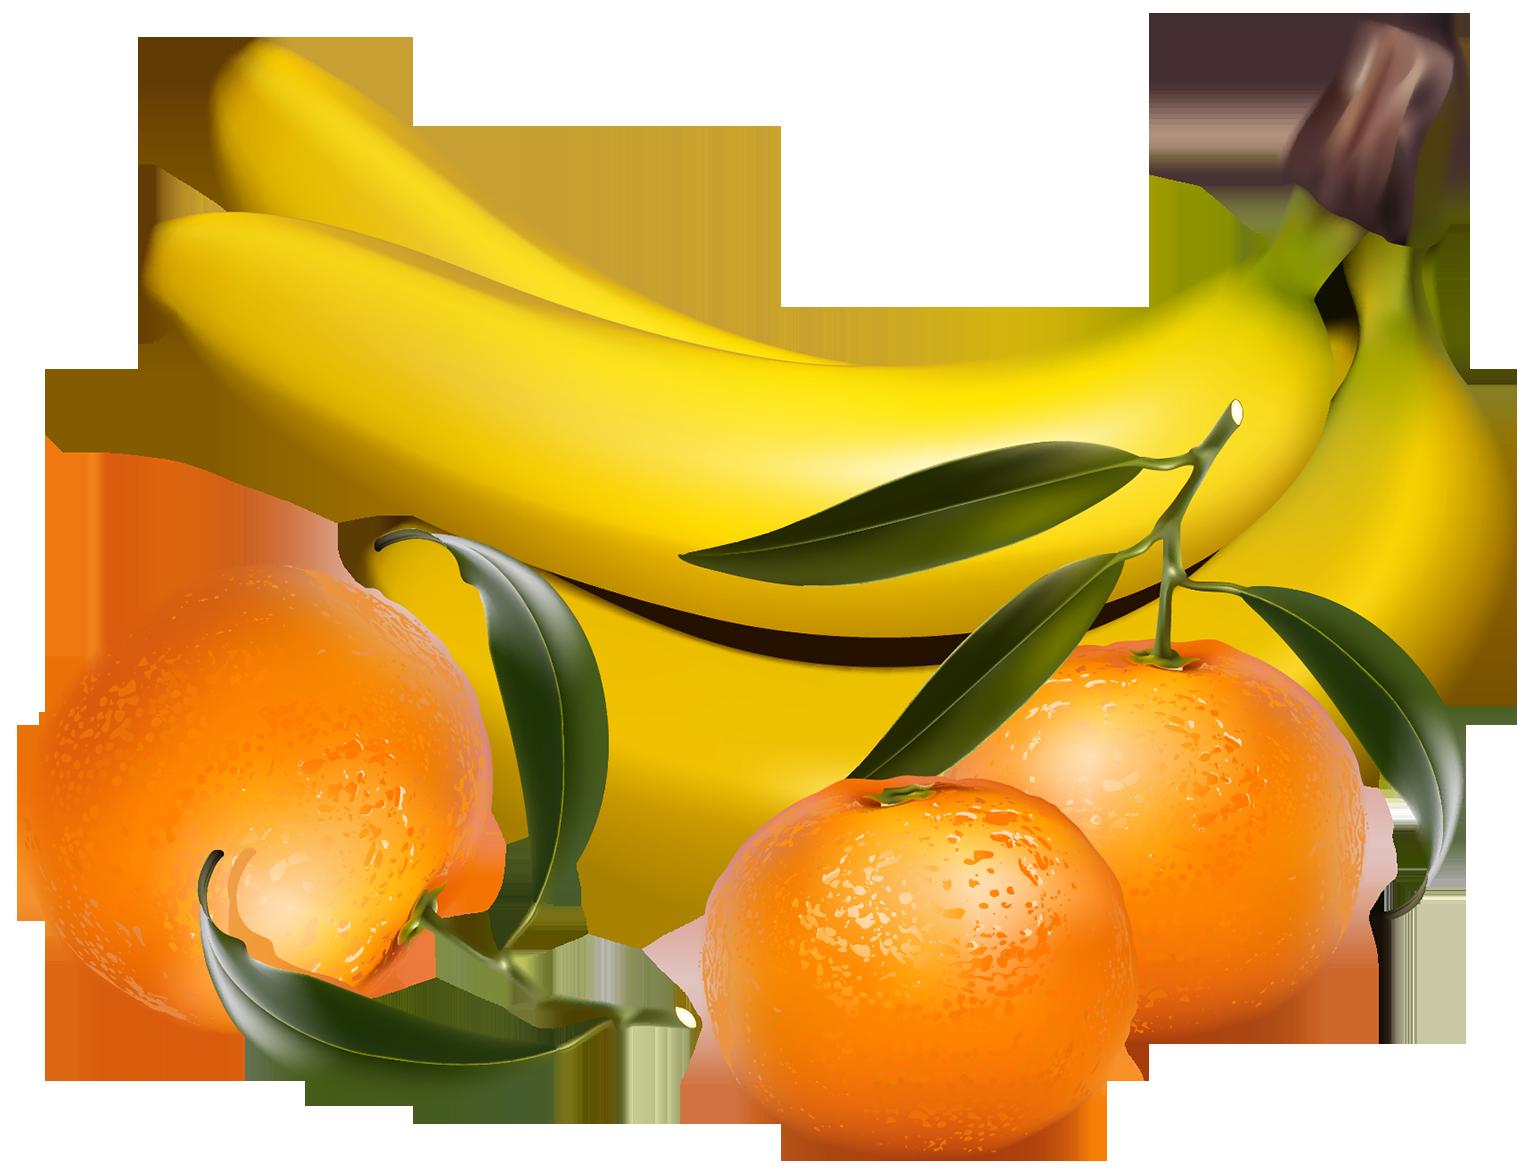 Orange clipart banana. Bananas and tangerines png